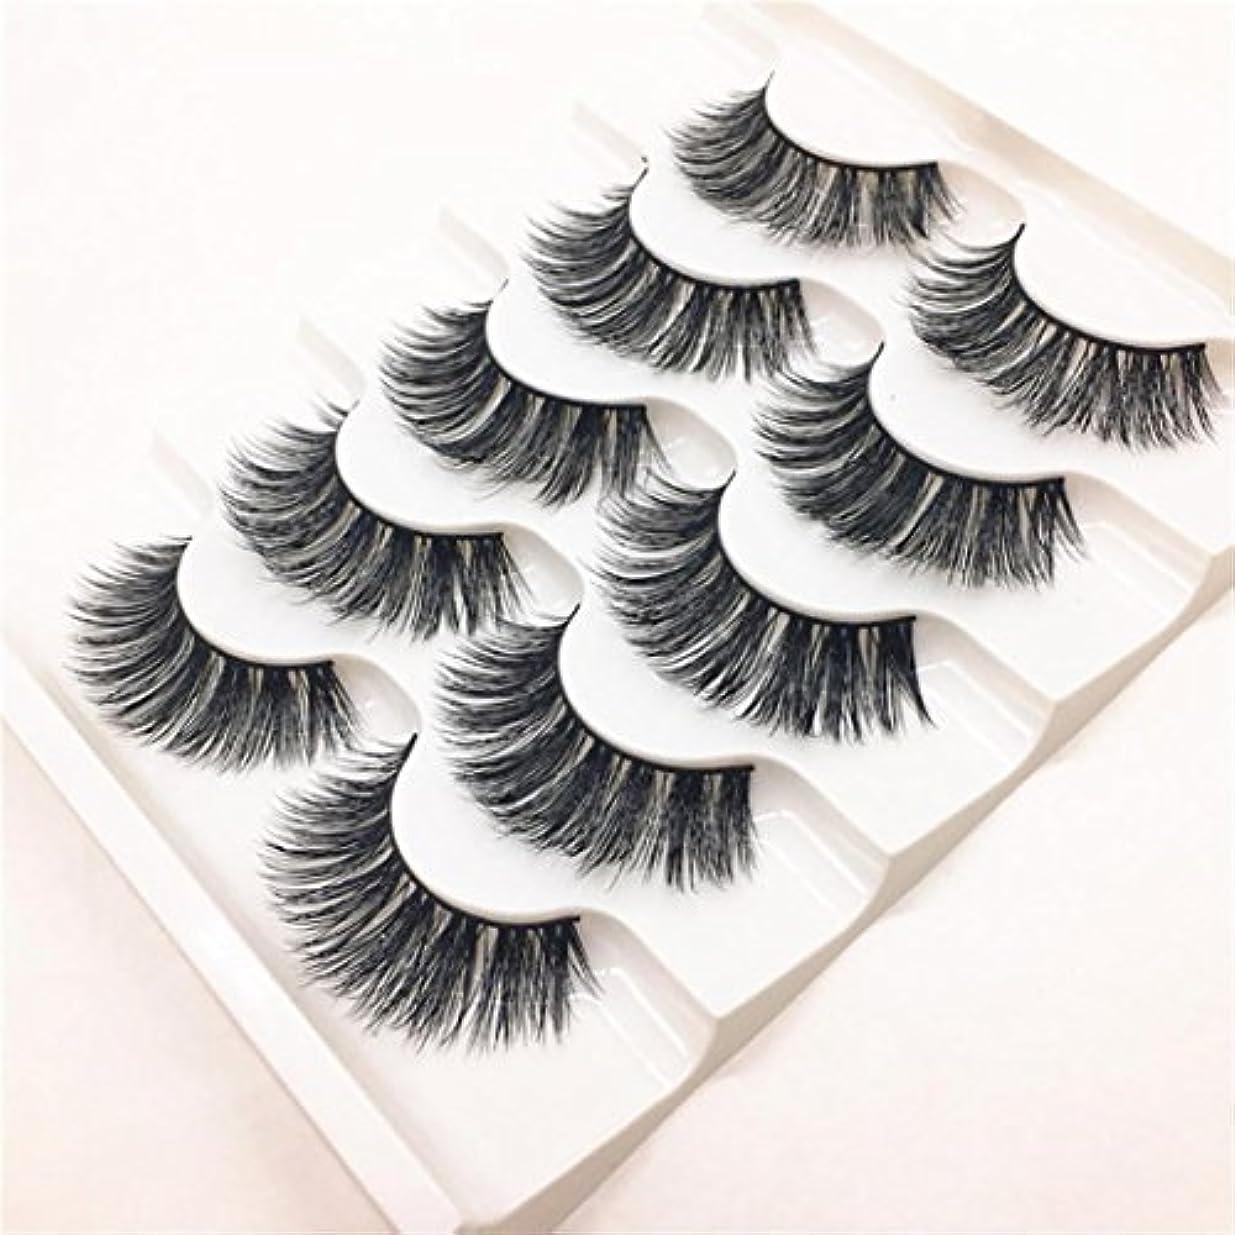 足ポータブル動くFeteso 5ペア つけまつげ 上まつげ Eyelashes アイラッシュ ビューティー まつげエクステ レディース 化粧ツール アイメイクアップ 人気 ナチュラル 飾り 柔らかい 装着簡単 綺麗 濃密 再利用可能